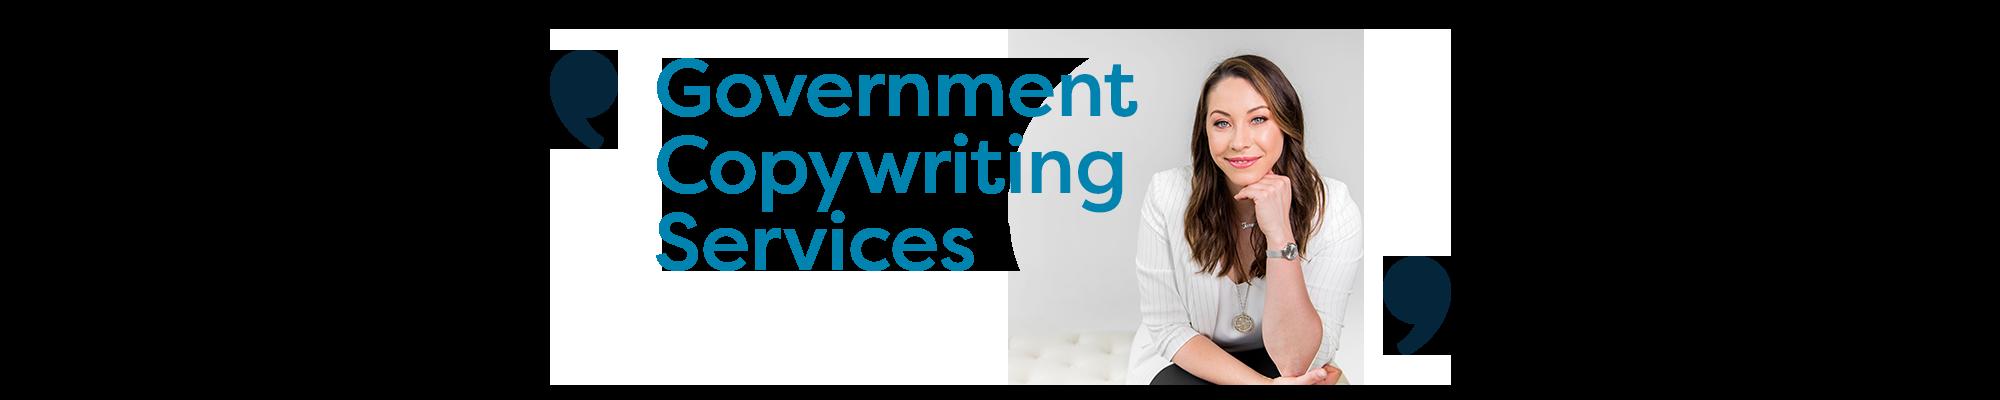 government-copywriting